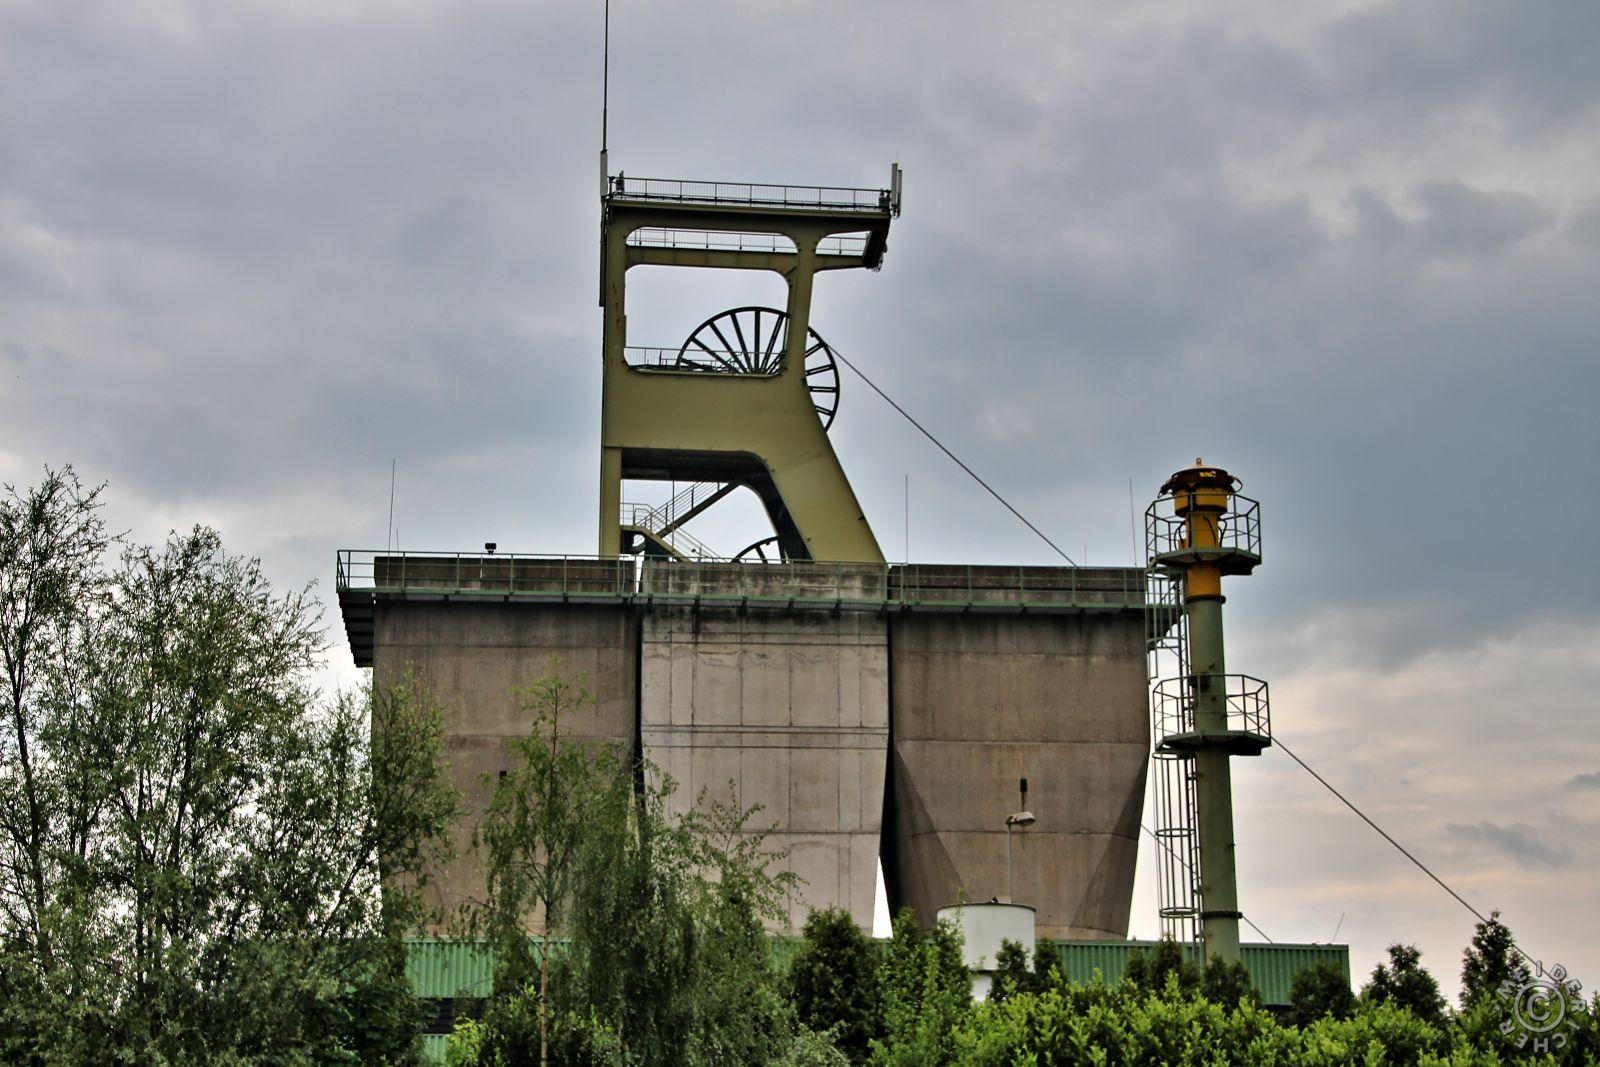 Bergwerk Prosper-Haniel 122